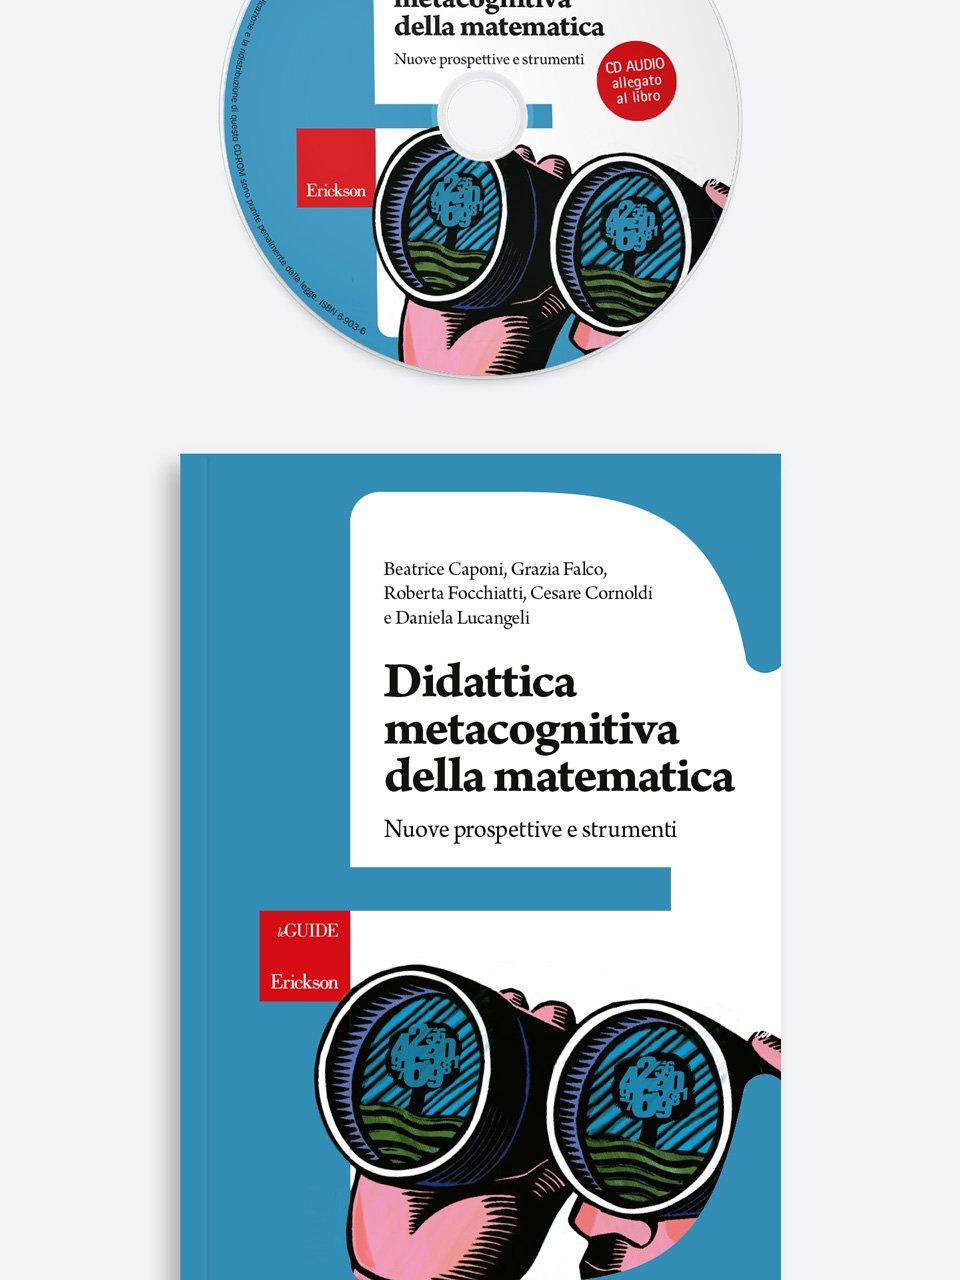 Didattica metacognitiva della matematica - Laboratorio discalculia - Libri - Erickson